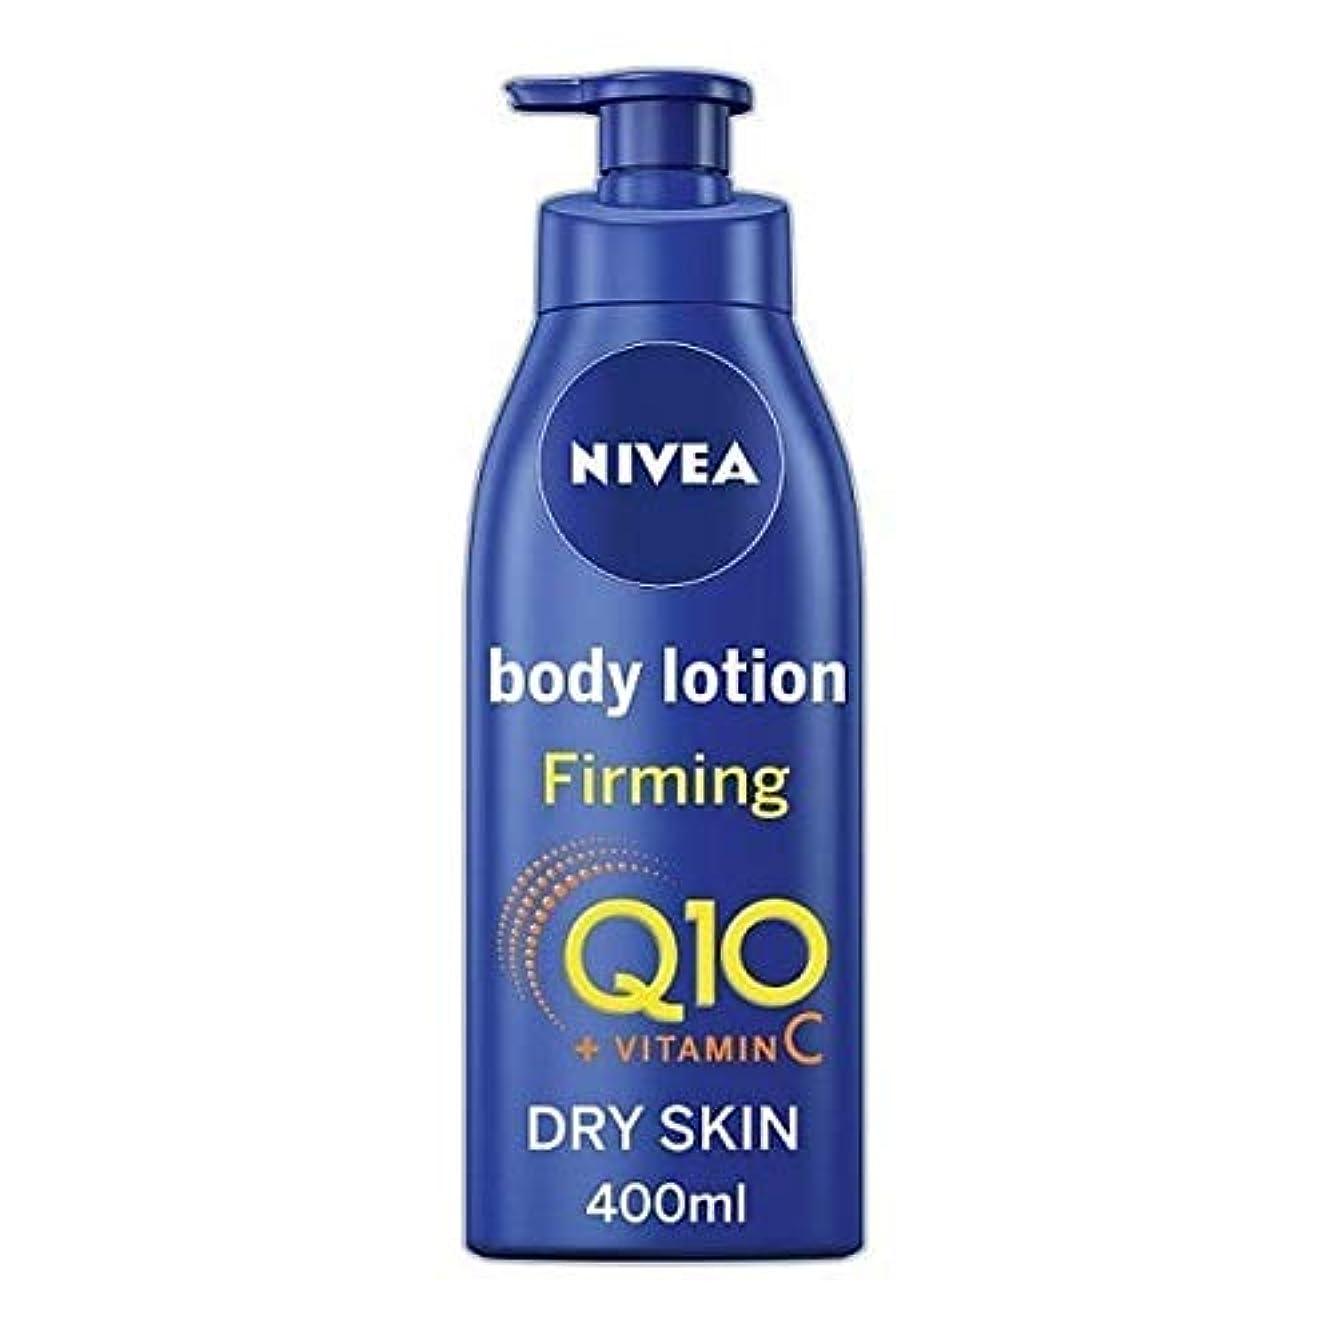 ディプロマ偽キャリア[Nivea ] 乾燥肌、400ミリリットルのためのニベアQ10ビタミンCファーミングボディローション - NIVEA Q10 Vitamin C Firming Body Lotion for Dry Skin, 400ml...